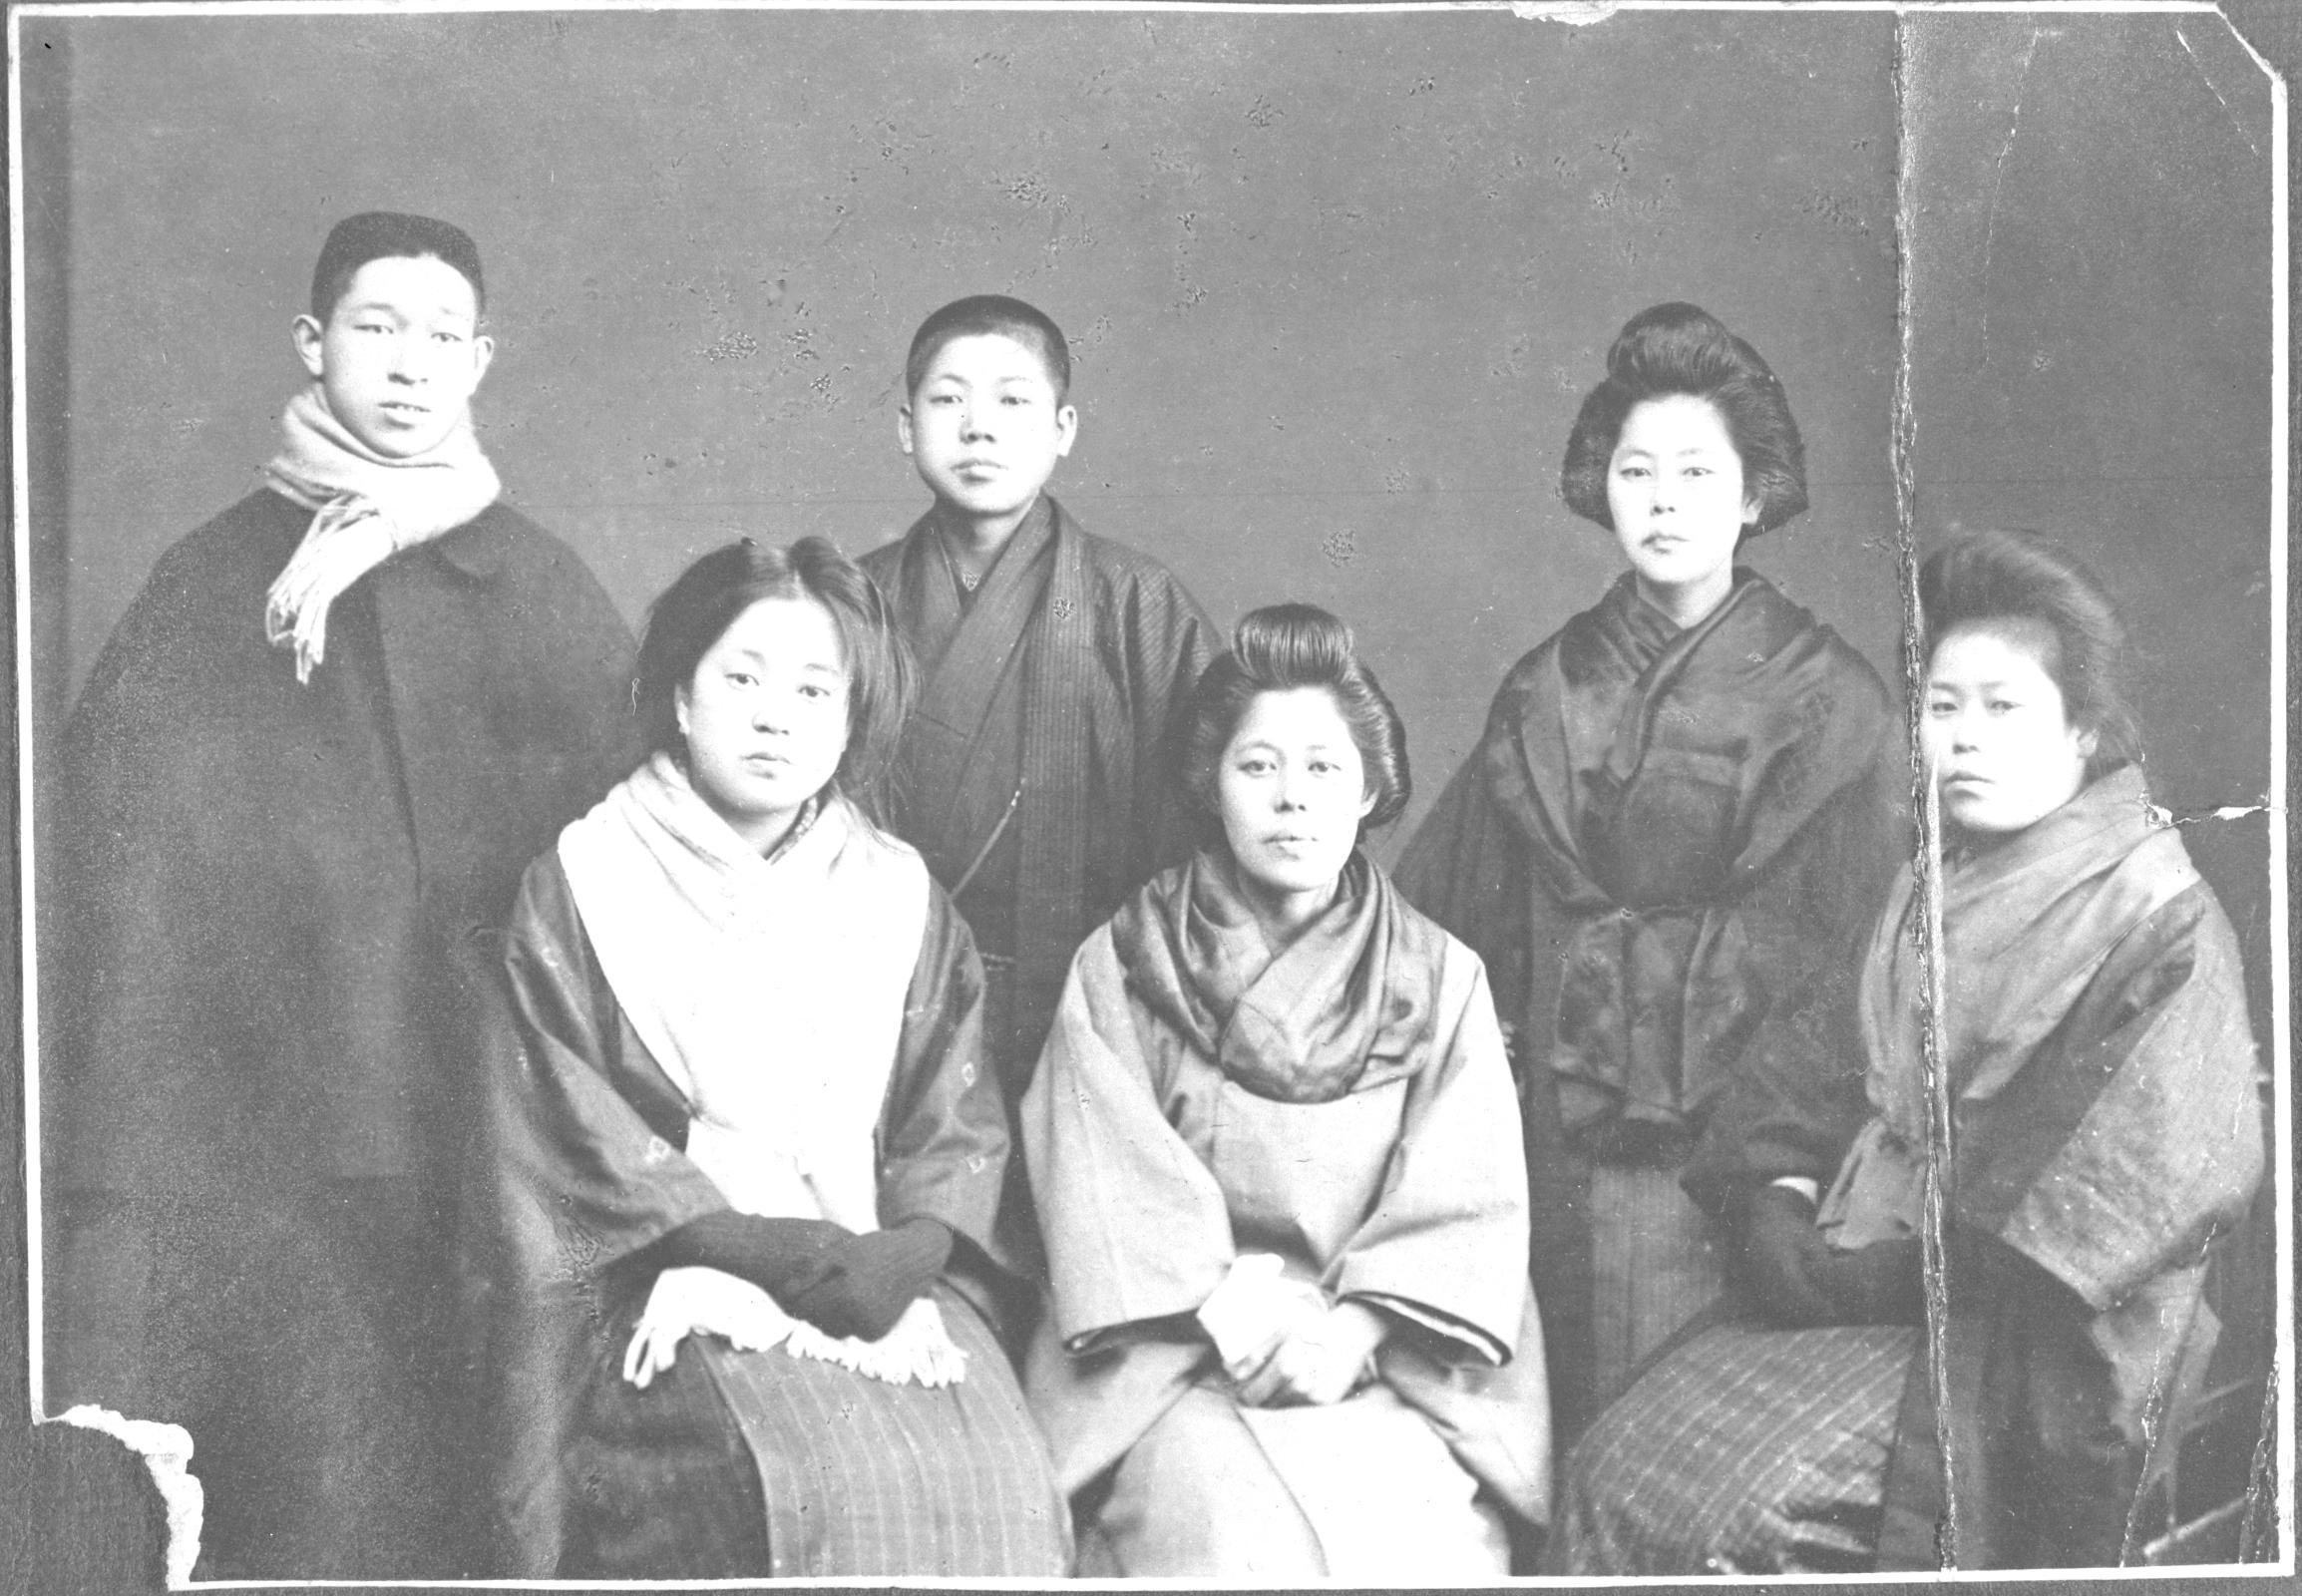 創立翌年となる1919年(大正8年):(後列左から)松下幸之助、義弟・井植歳男、妻・松下むめの